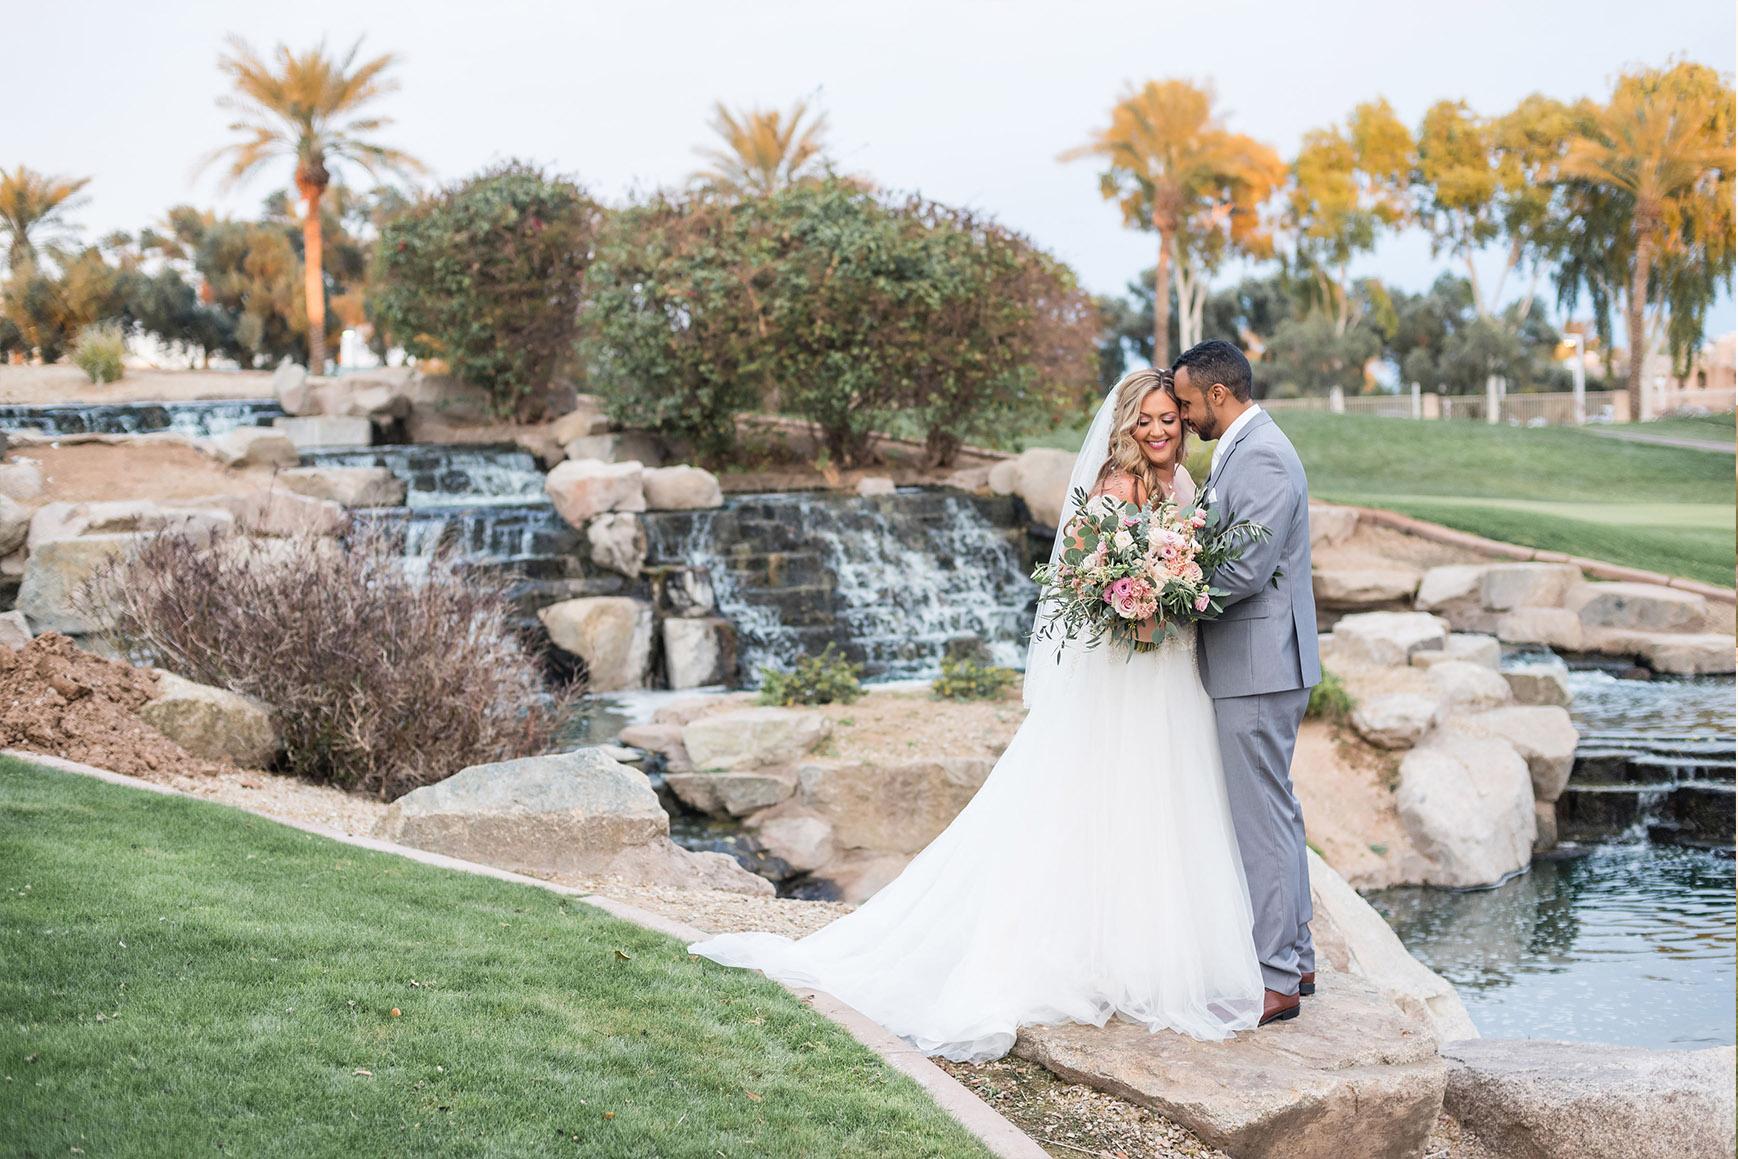 Intimate moment between bride and groom - Ocotillo - Chandler, Arizona - Maricopa County - Wedgewood Weddings